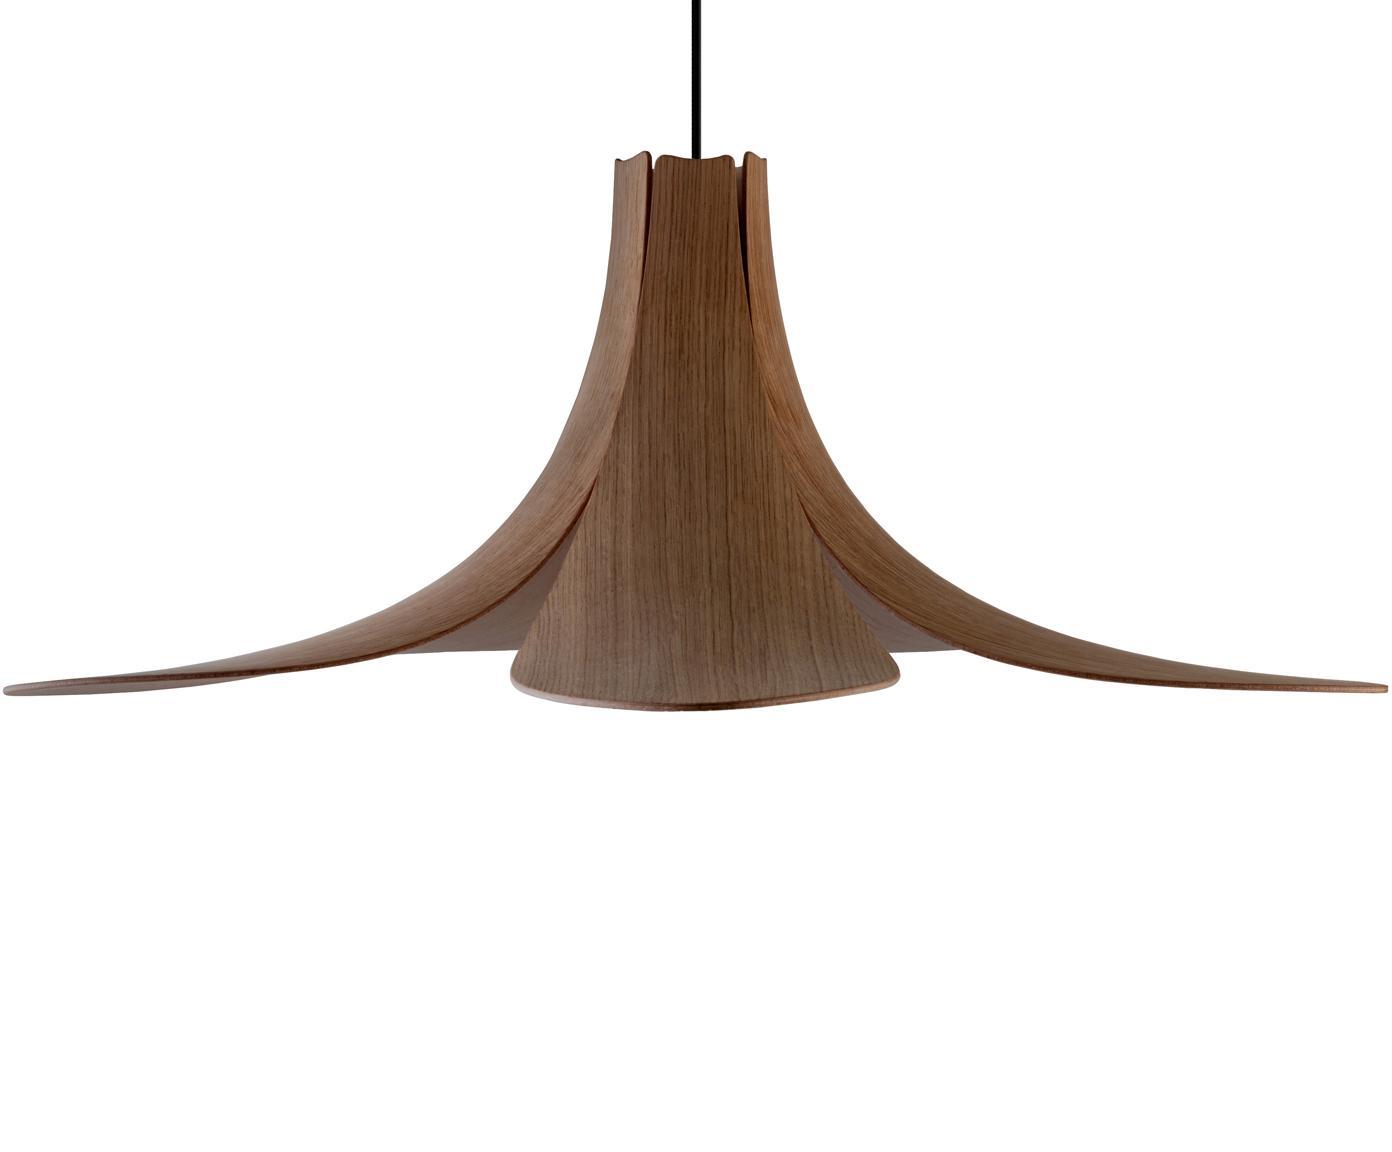 Lampa wisząca Jazz, Ciemny drewno dębowe, czarny, Ø 65 x W 24 cm